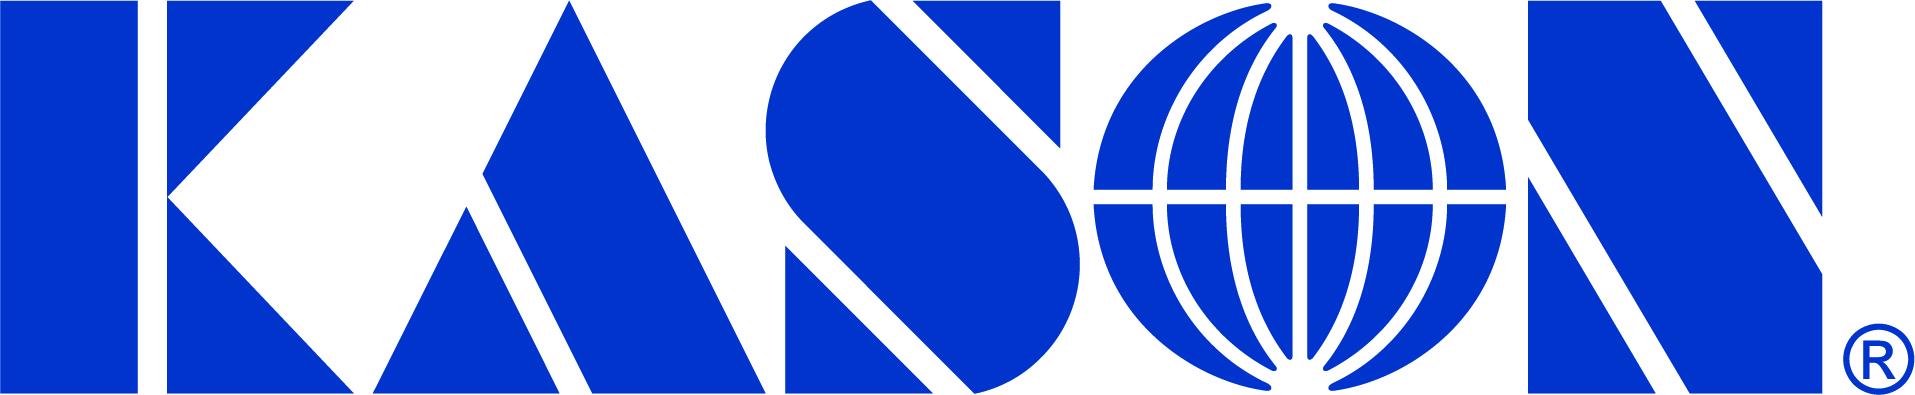 kason-logo-4c-pms287.jpg